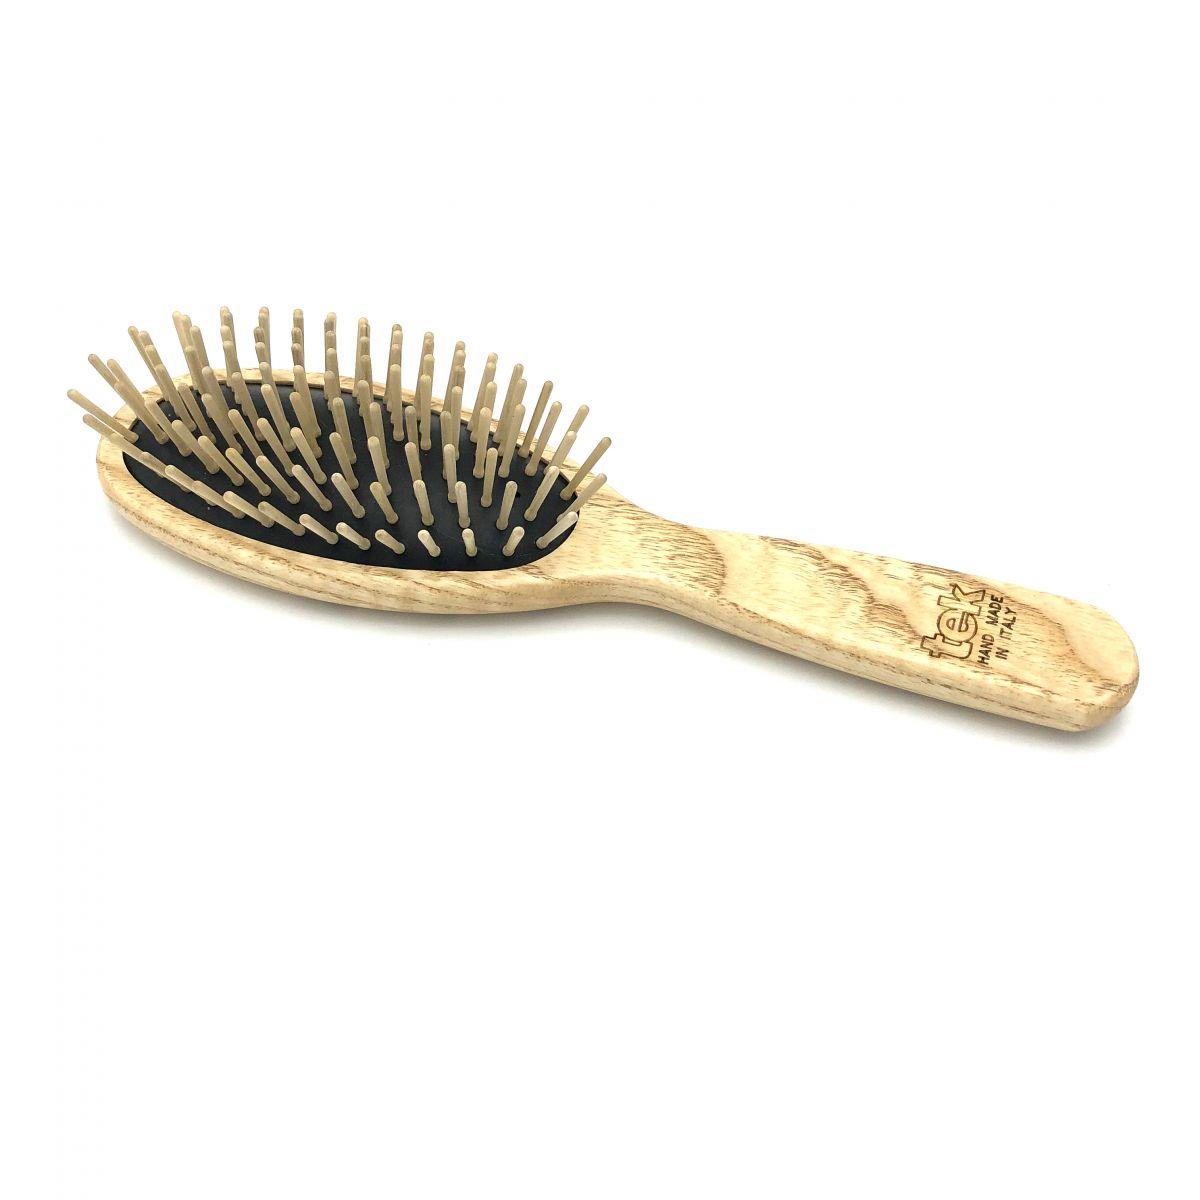 Haarbürste TEK, groß oval mit Holzstiften